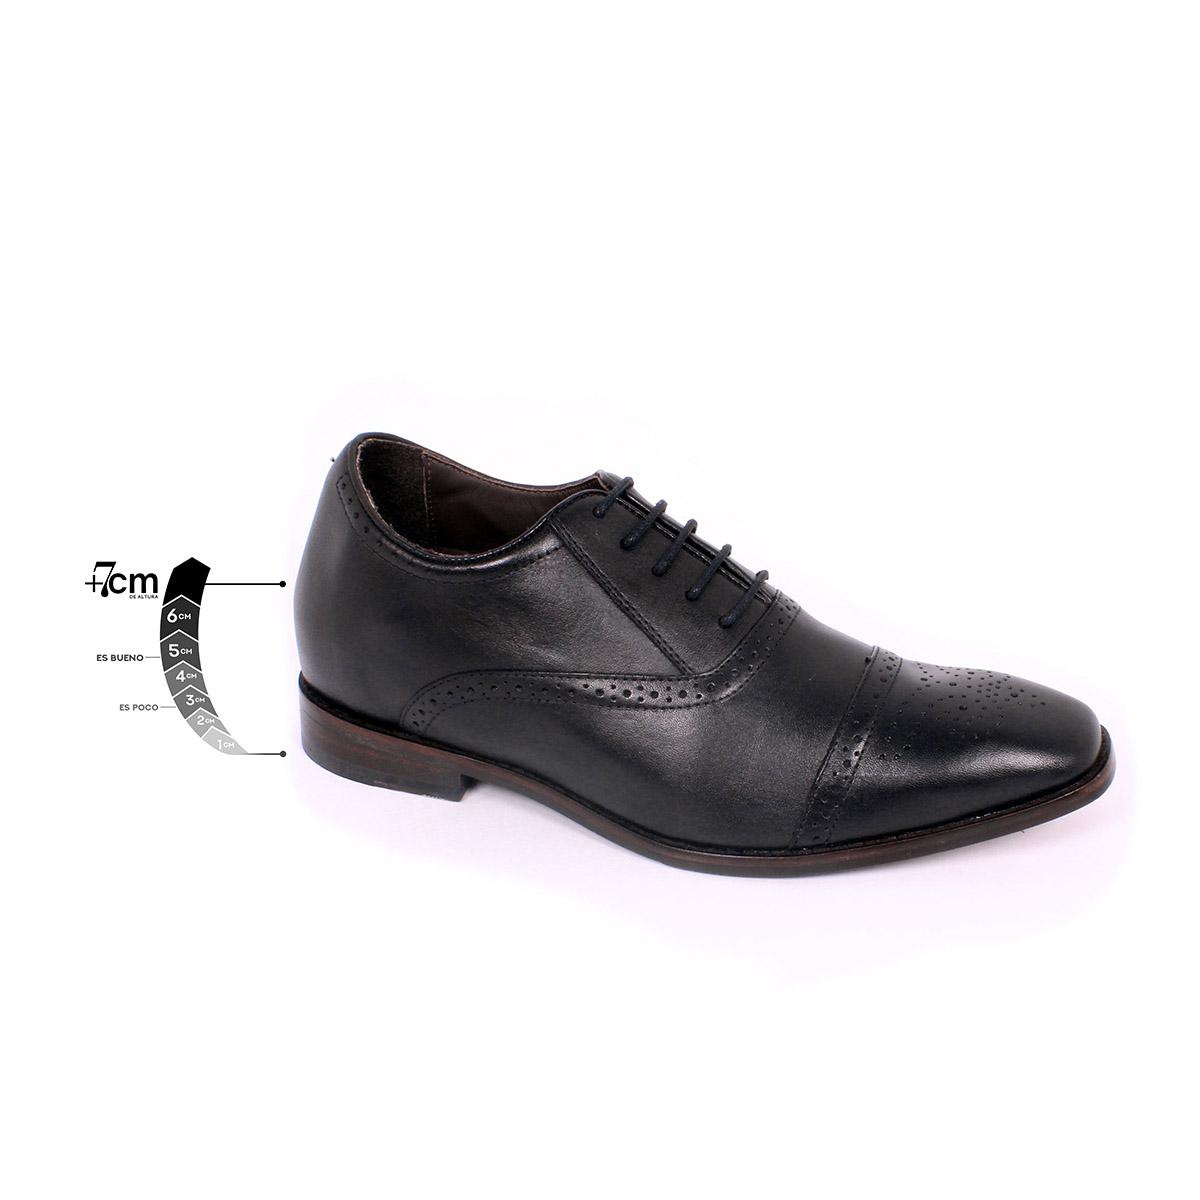 Zapato Formal British Negro Max Denegri +7cms de Altura_75302